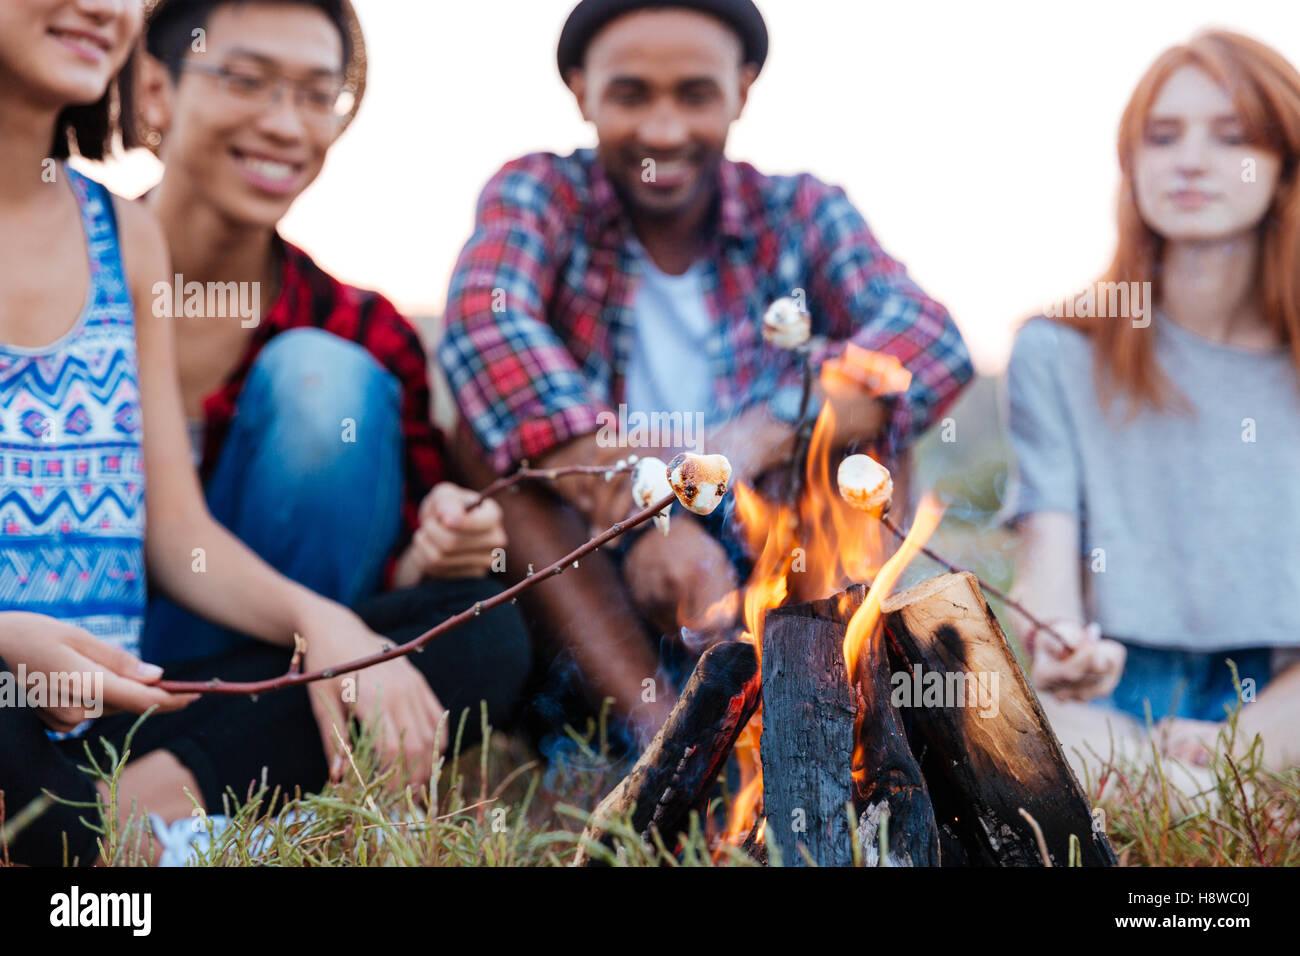 Gruppo multietnico di allegra giovani parlare e preparazione di marshmallows sui falò all'aperto in estate Foto Stock